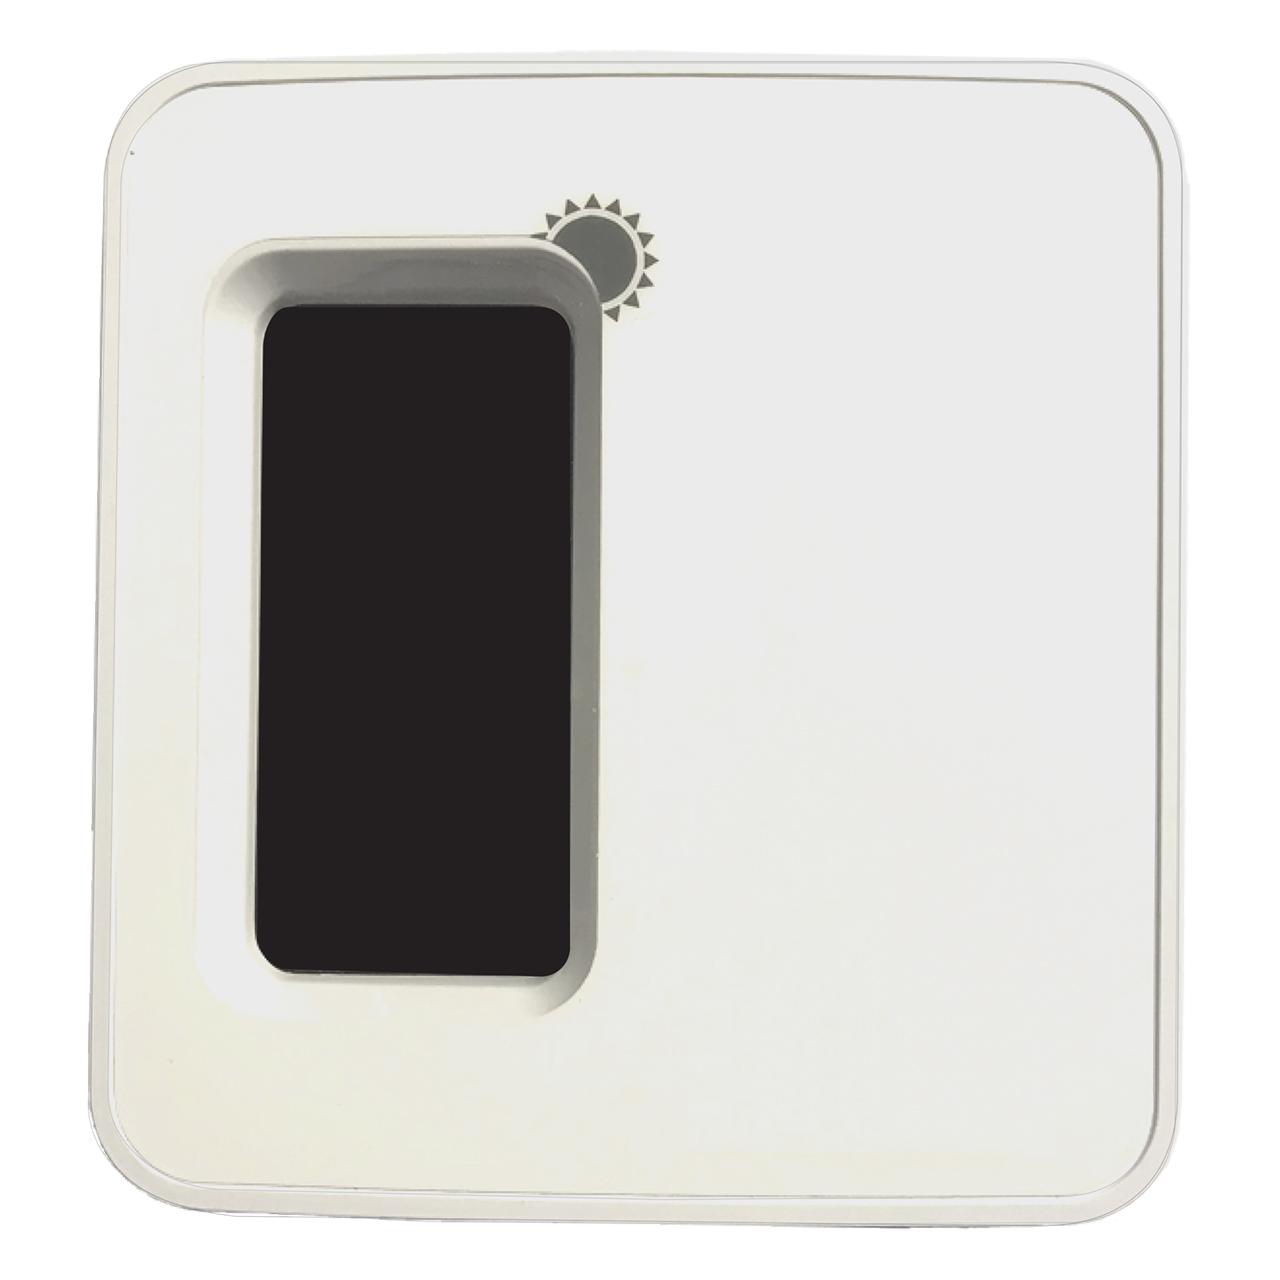 carrier-WS2-T-C-902-wireless-standard-sensor